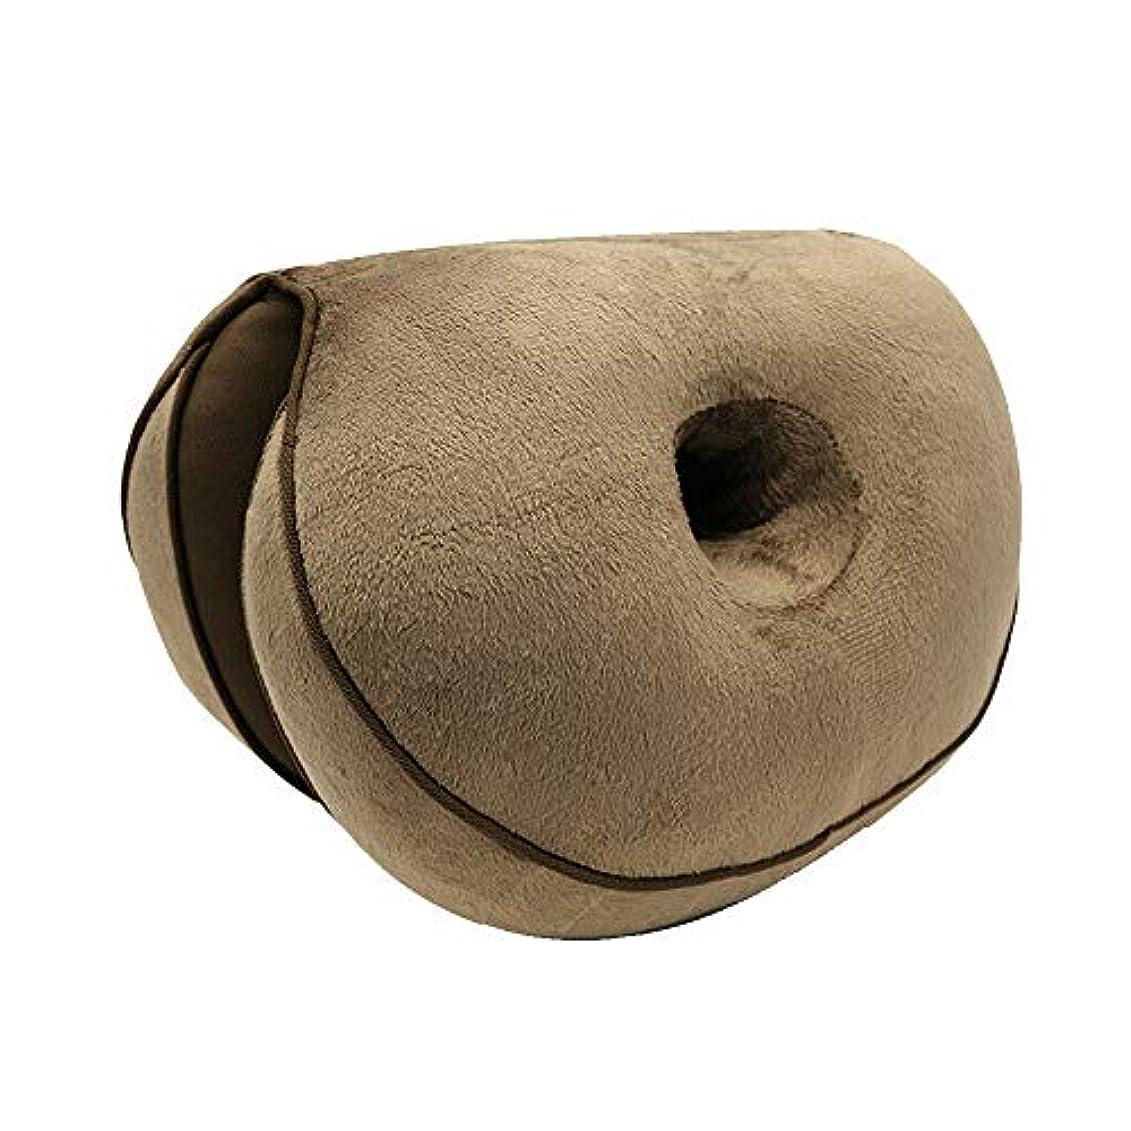 地平線絶え間ない遡るLIFE 新デュアルシートクッション低反発ラテックスオフィスチェアバックシートクッション快適な臀部マットパッド枕旅行枕女性女の子 クッション 椅子